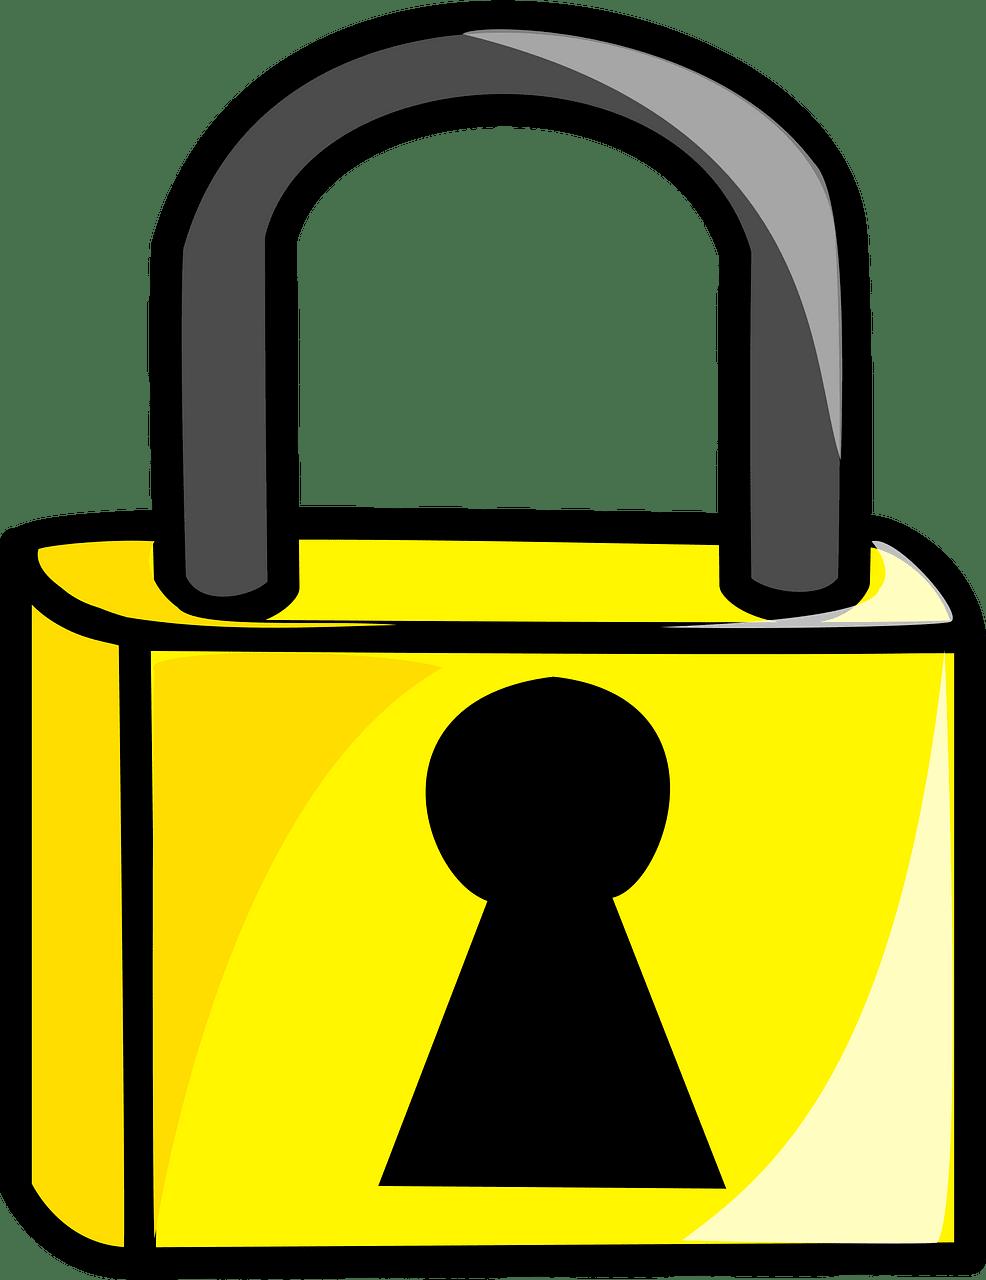 Lock clipart transparent 8